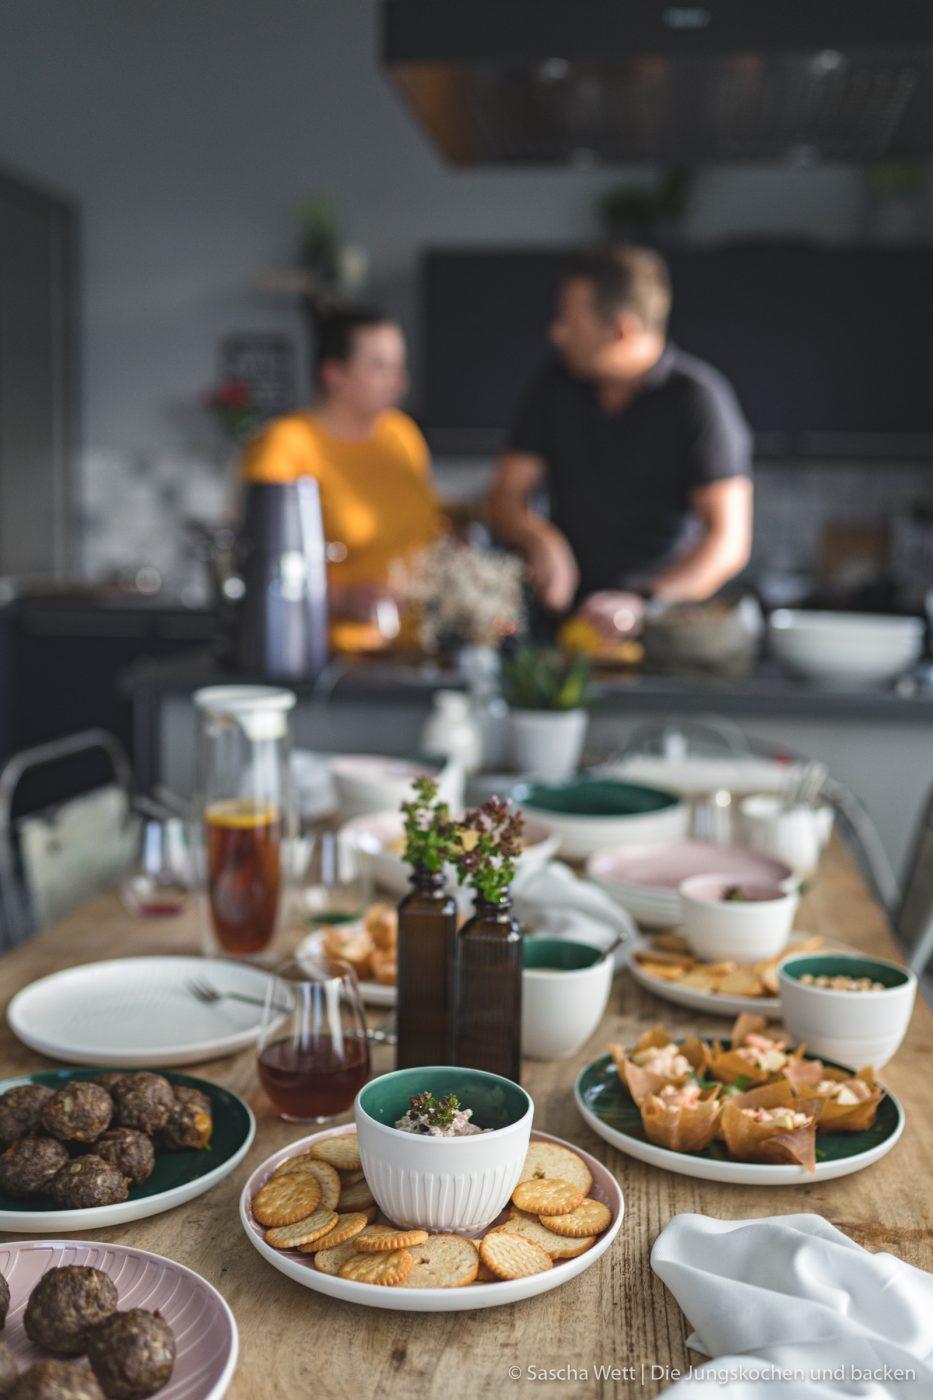 Finger Food ItsMyMatch VilleroyBoch 7 | Heute haben wir gleich drei Rezept für euch im Gepäck. Drei schnell zu bereitete Ideen, die ihr für eure nächste Geburtstags- oder auch Einweihungsparty ganz einfach zubereiten könnt. Bei so einer Party hat man eh schon immer soviel zu tun, dass man sich um das Essen nur noch nebenher Gedanken machen möchte. Daher ist es super, wenn ihr das gut vorbereiten könnt. Da ist Fingerfood einfach die beste Option!